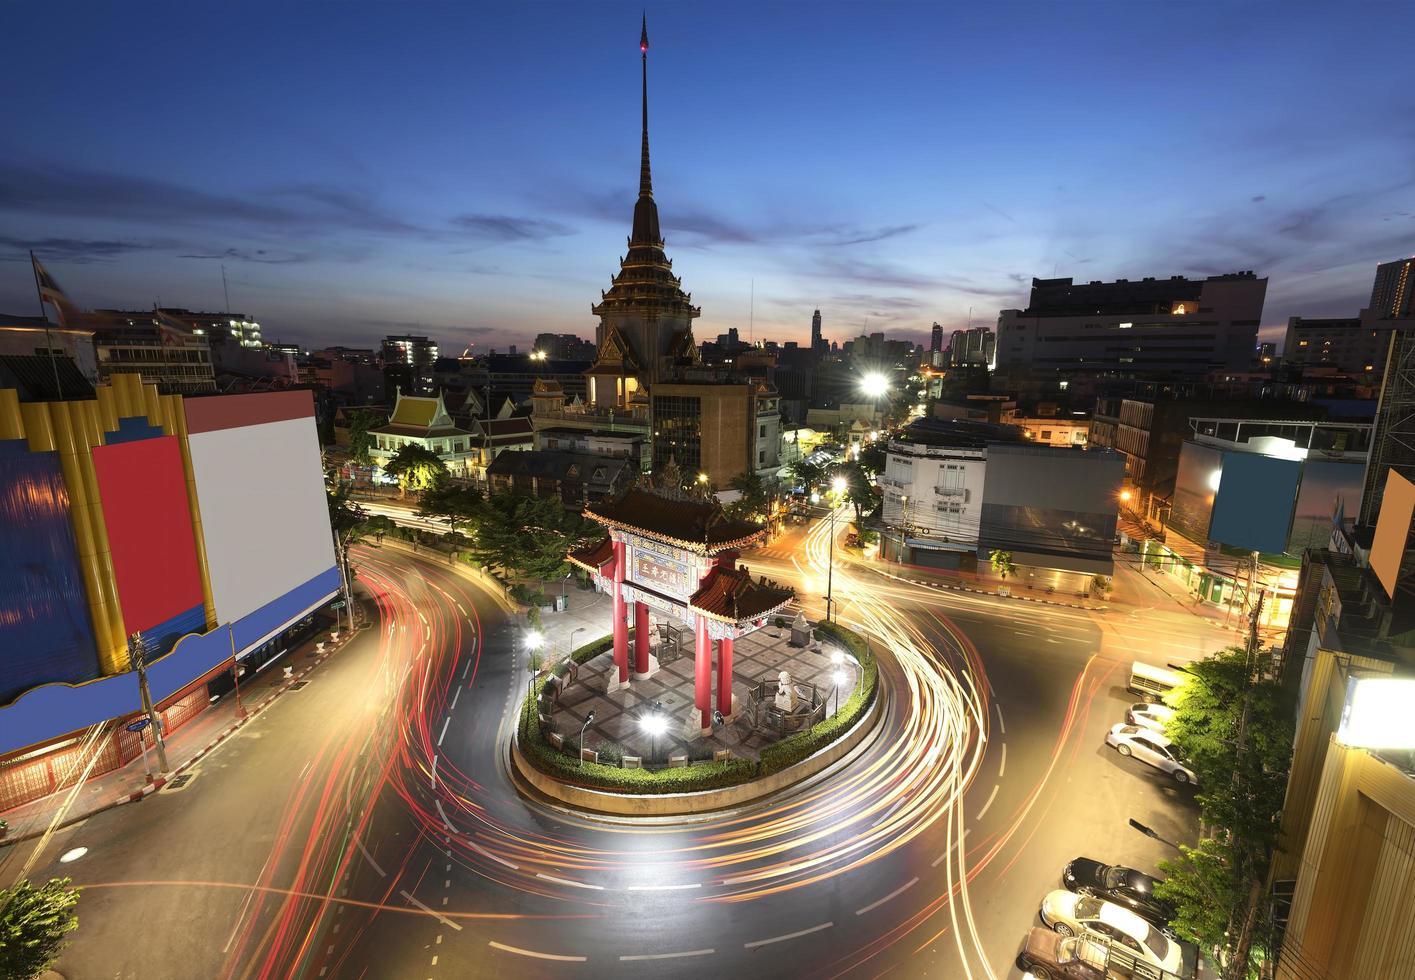 der Torbogen und Tempel, Thailand, Langzeitbelichtung foto